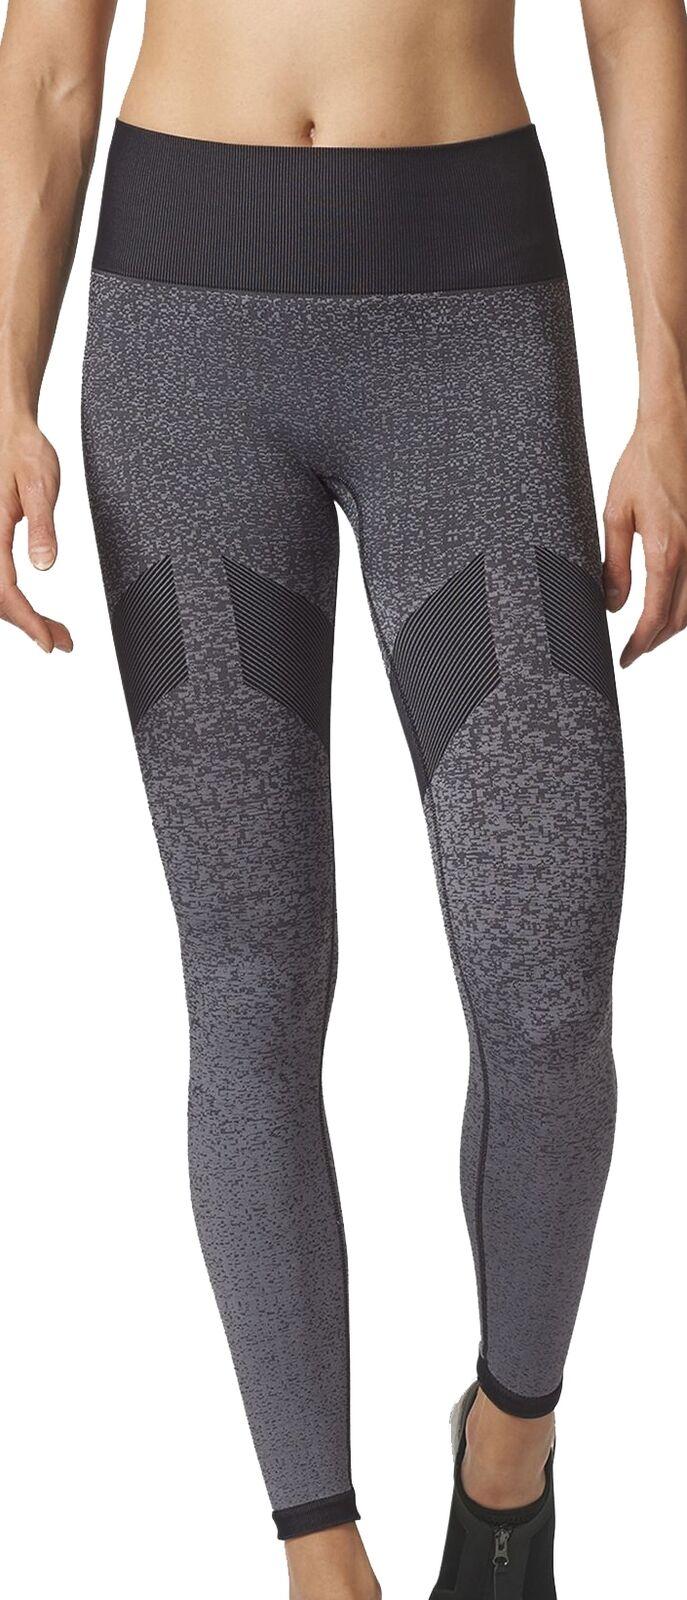 Adidas Seamless Womens Long Running Tights - Grey